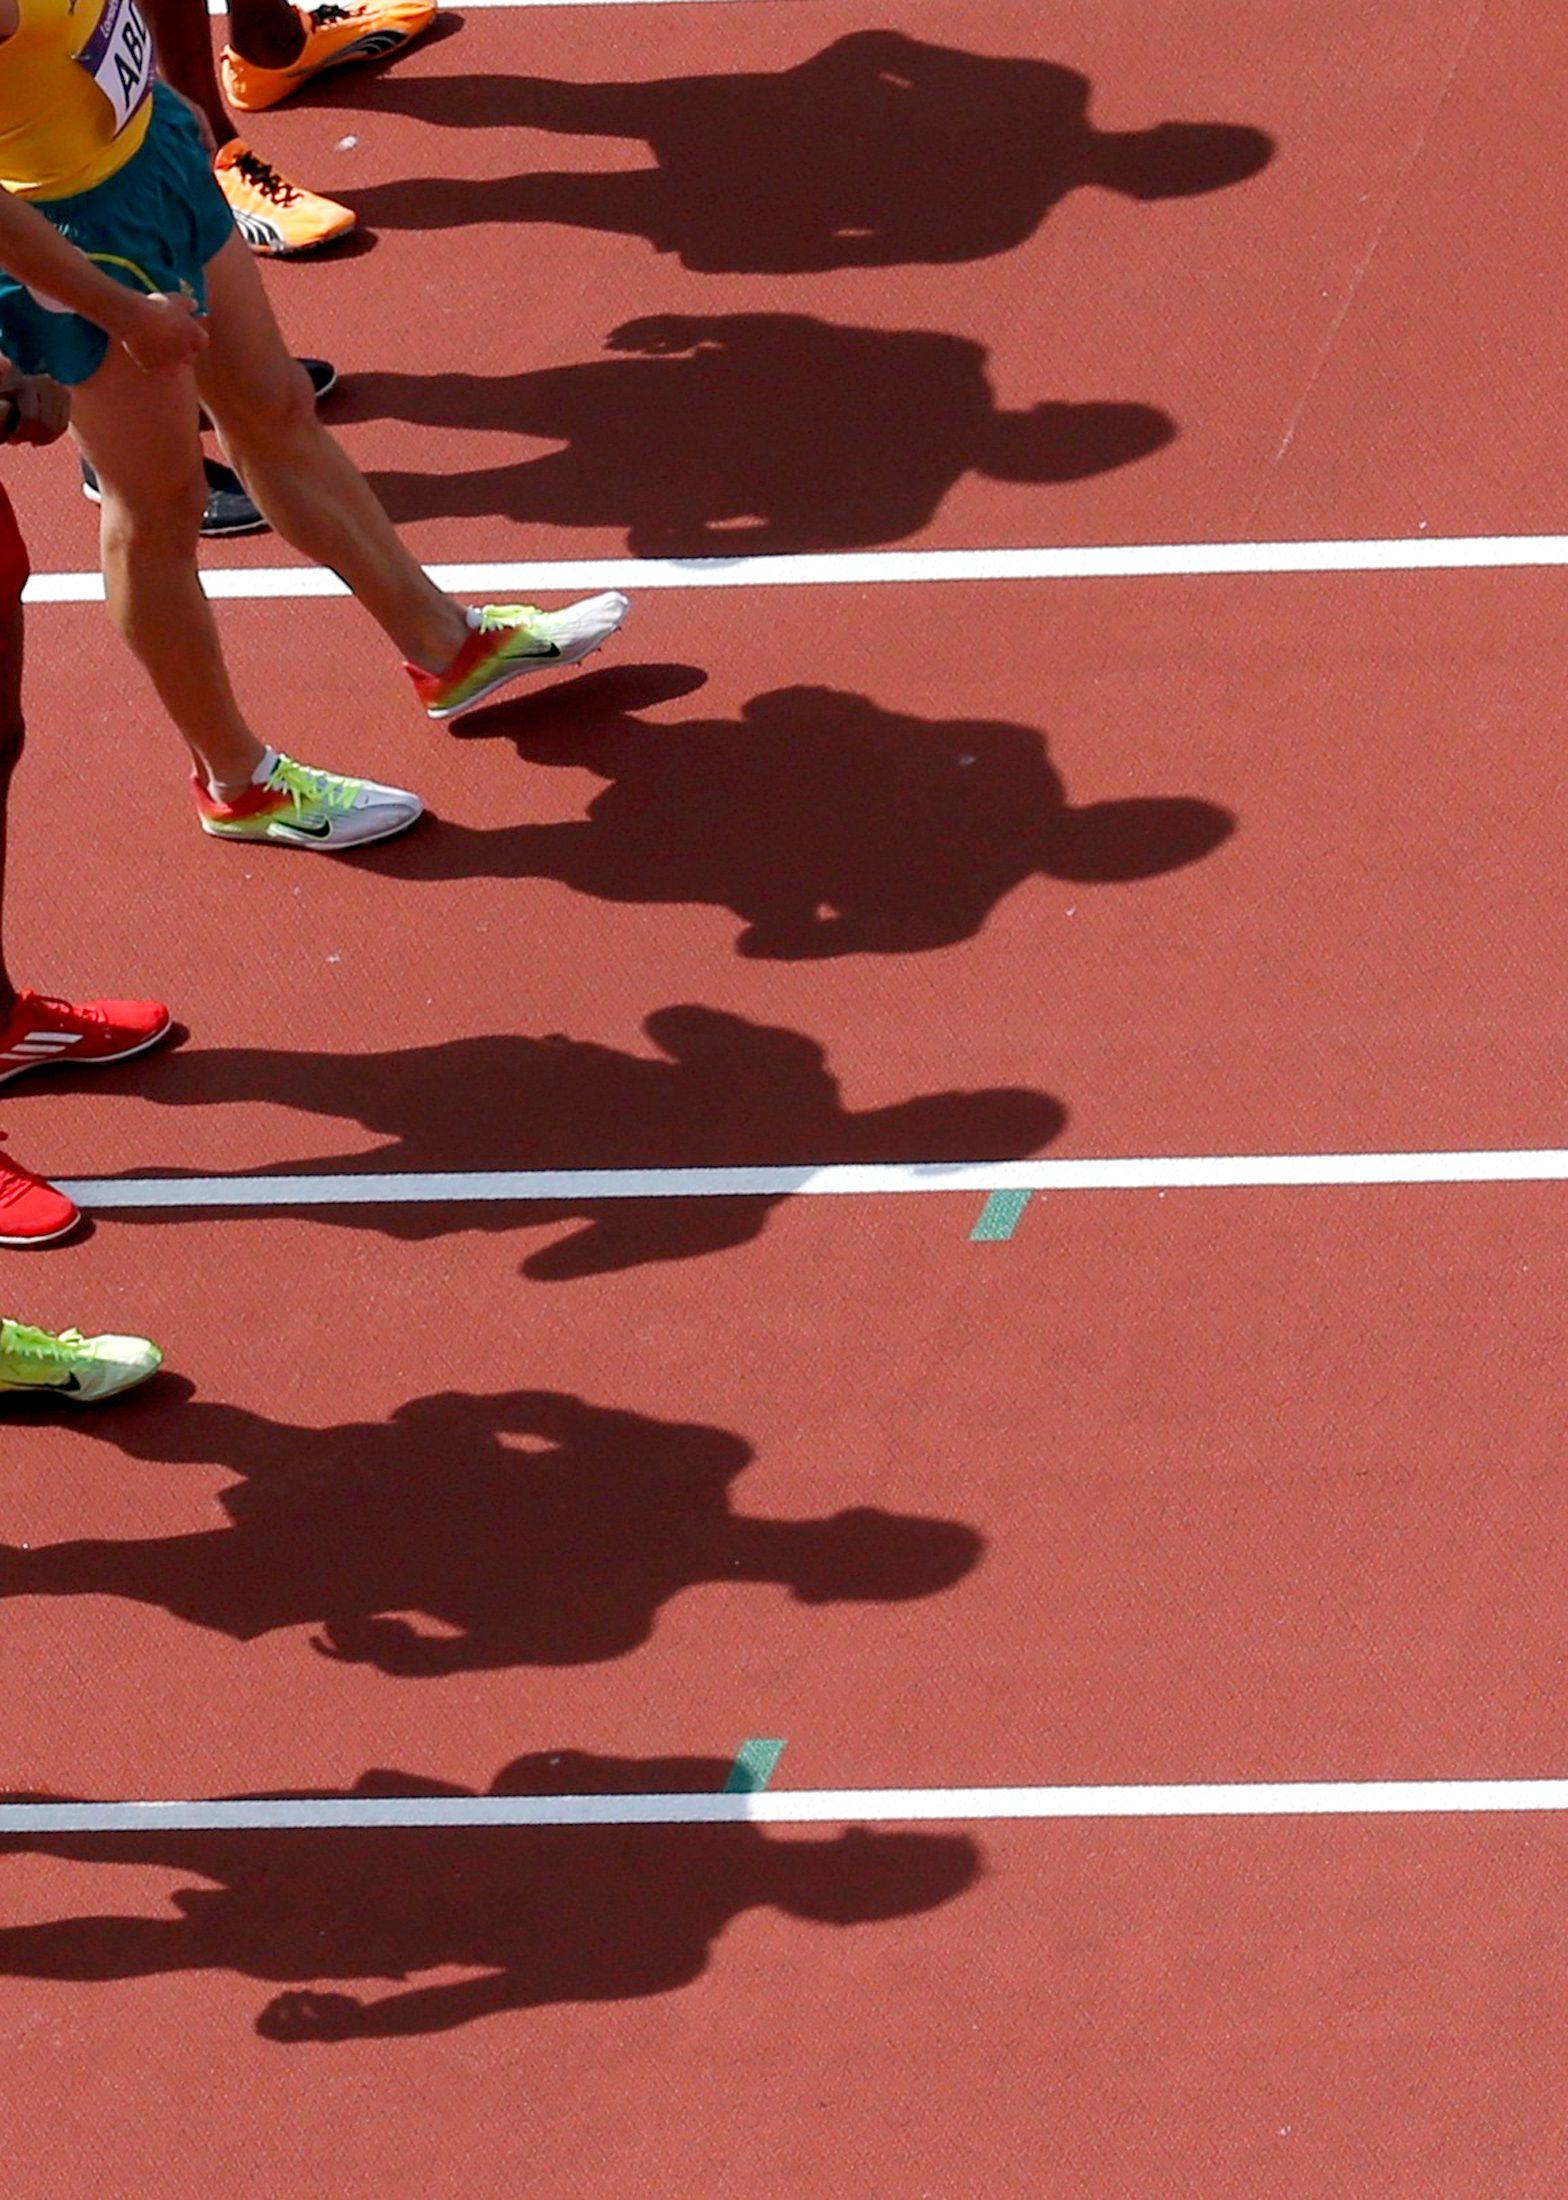 Le Comité international olympique (CIO), une organisation que beaucoup qualifient d'opaque, a été créée par Pierre de Coubertin en 1894.